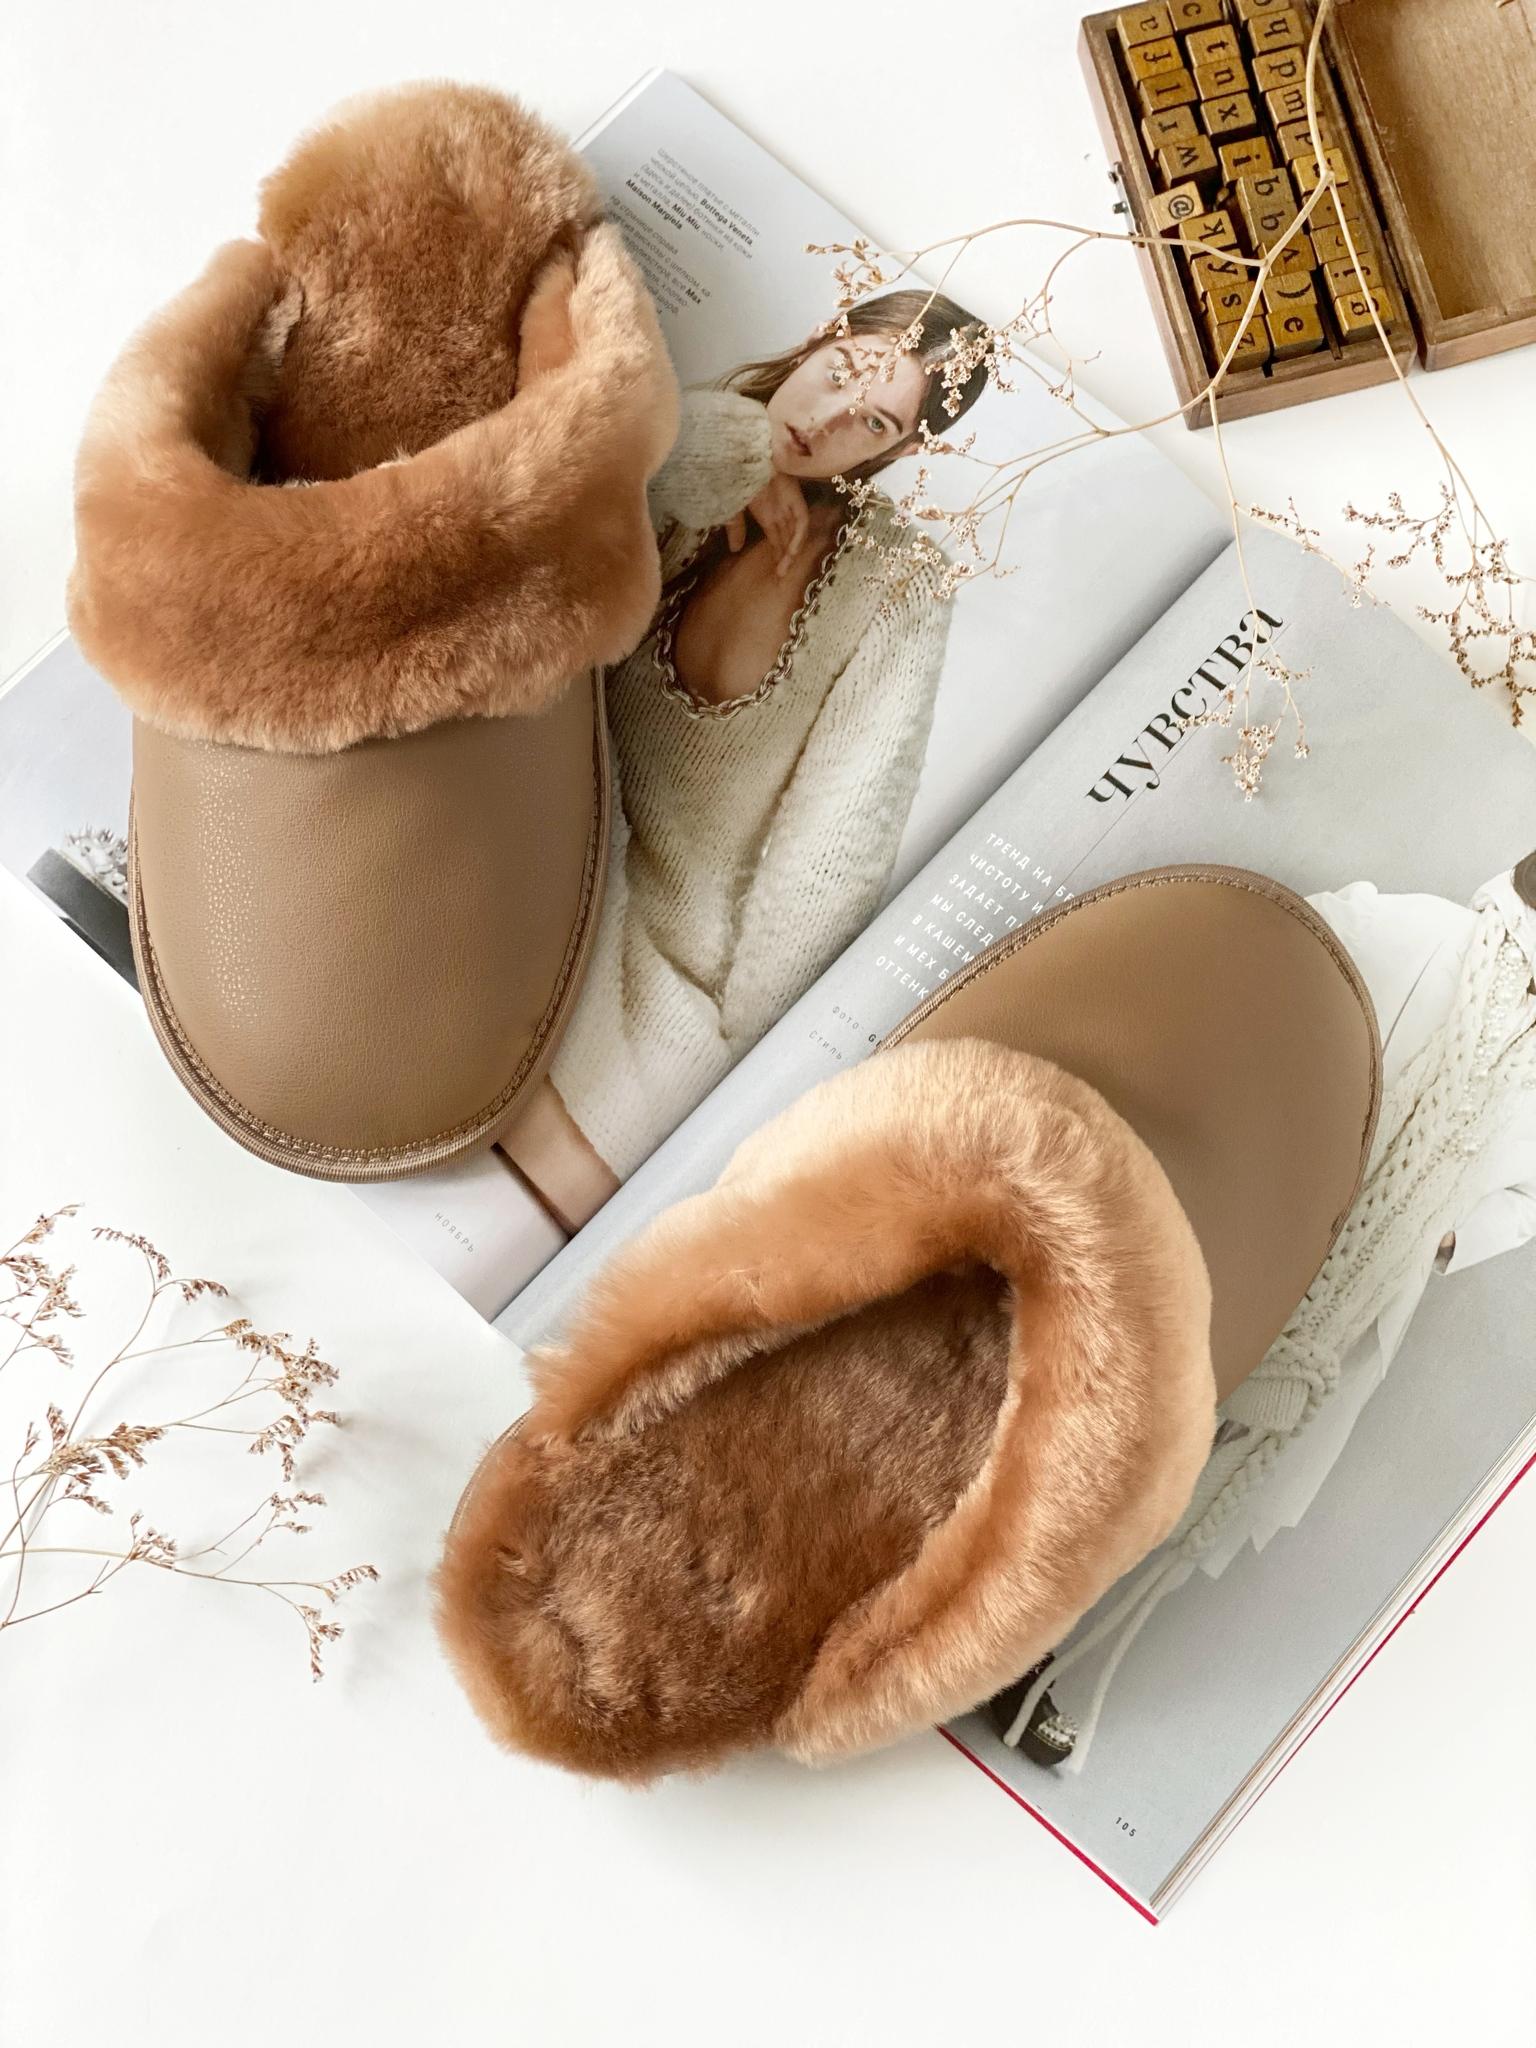 Меховые тапочки карамель закрытые с кожаным верхом карамельным